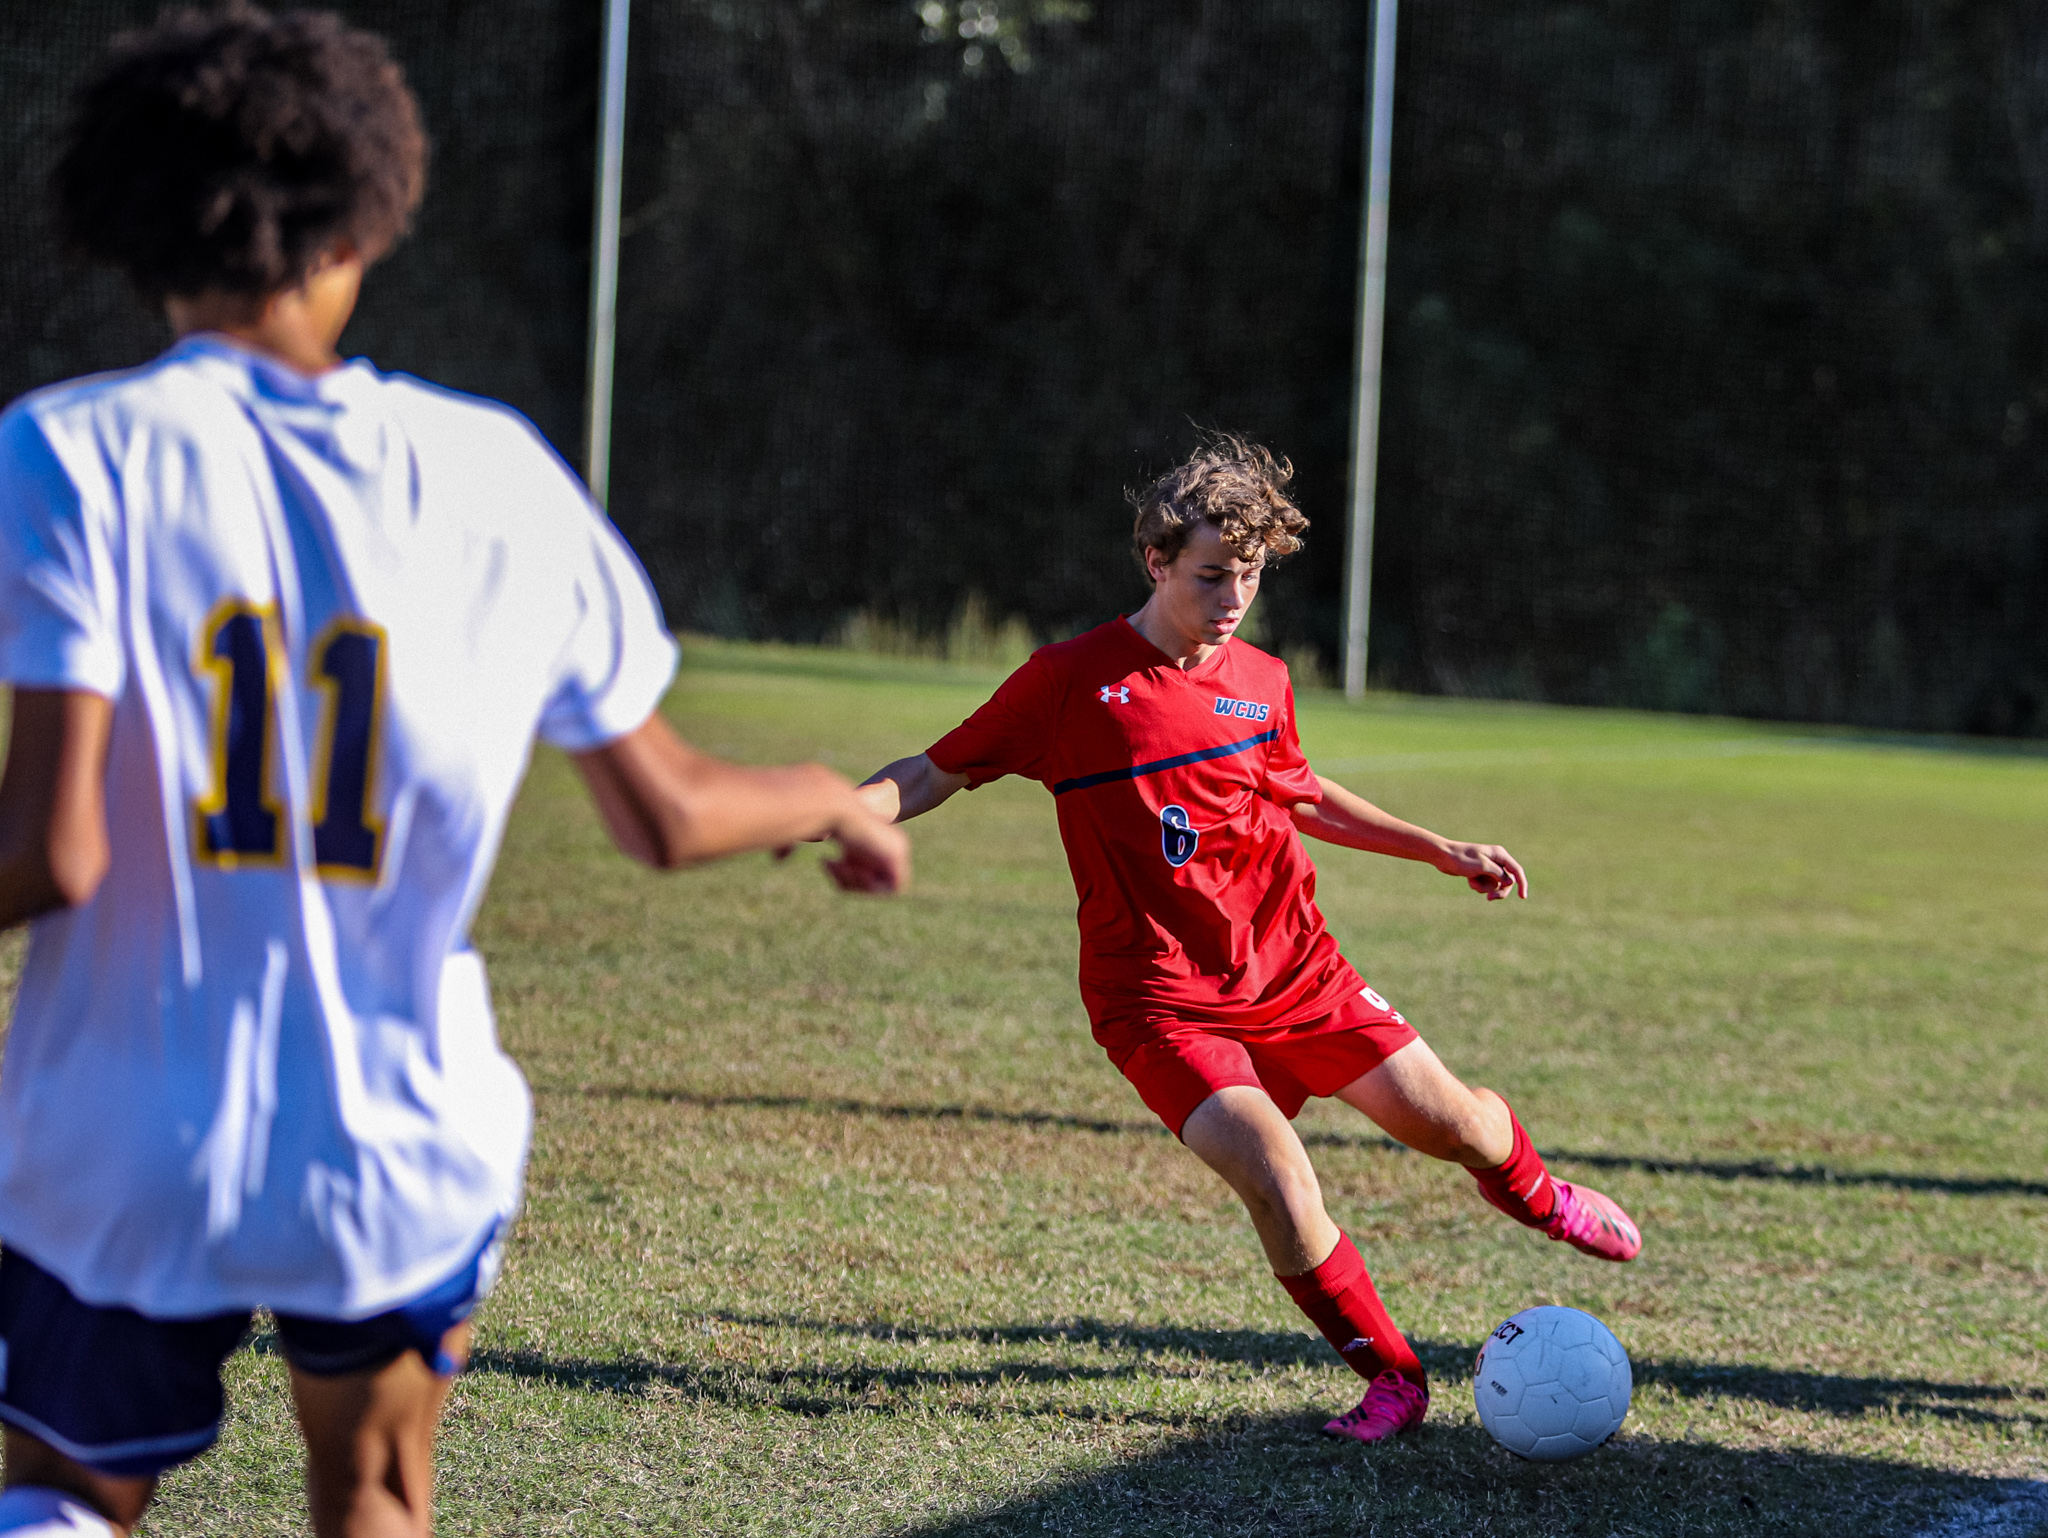 WCDS vs. John Paul II Boys' Soccer 10/21/21